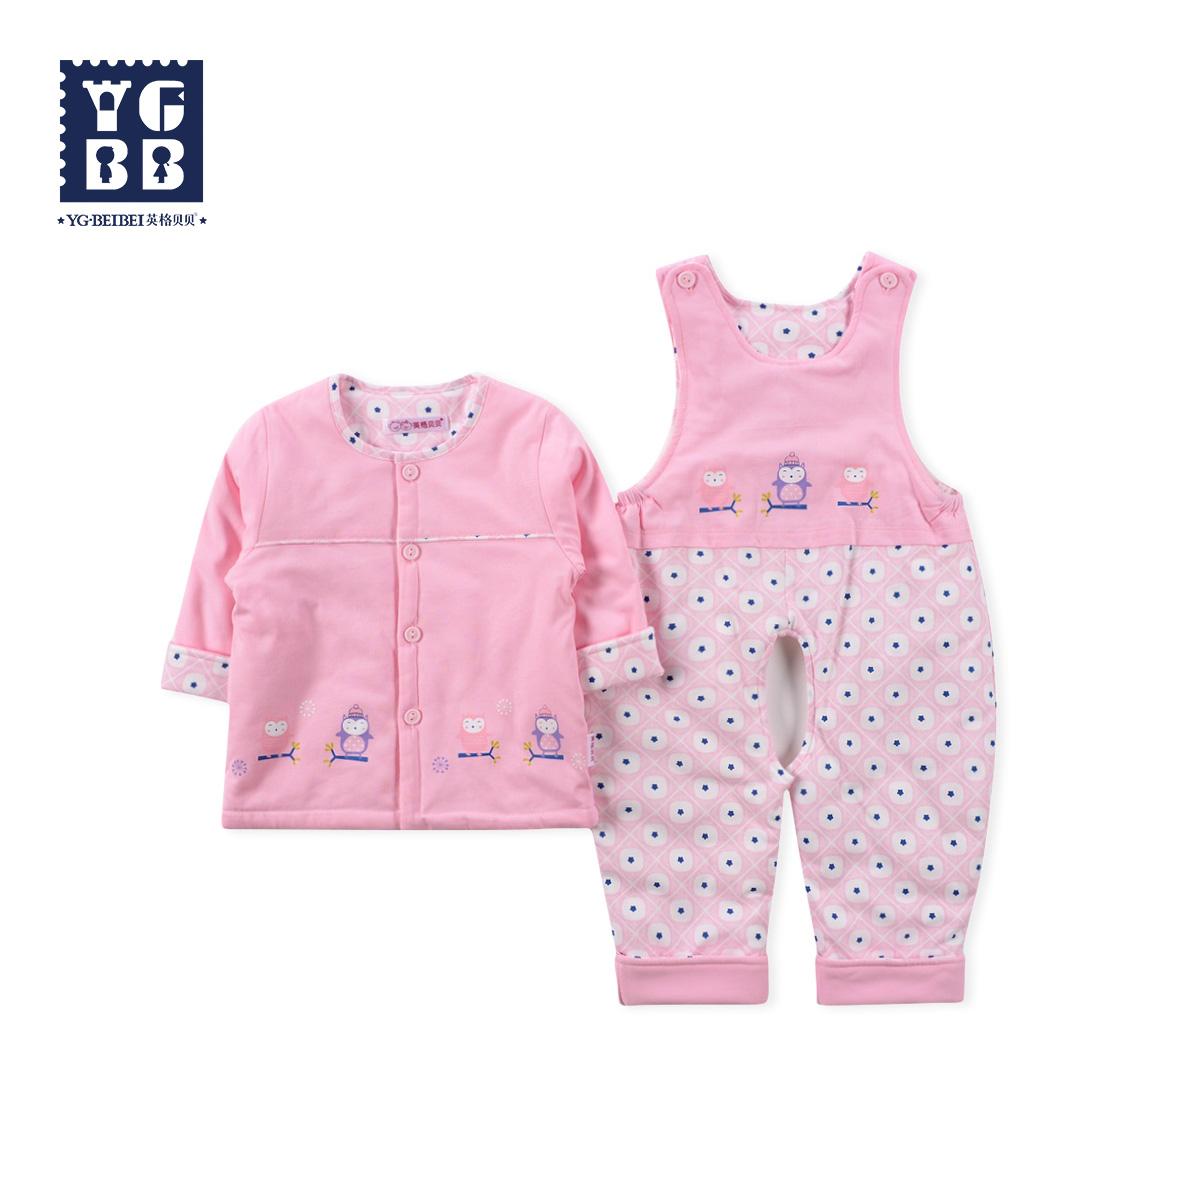 英格貝貝2017 男女寶寶春裝薄棉衣背帶套裝嬰兒衣服外套外出服